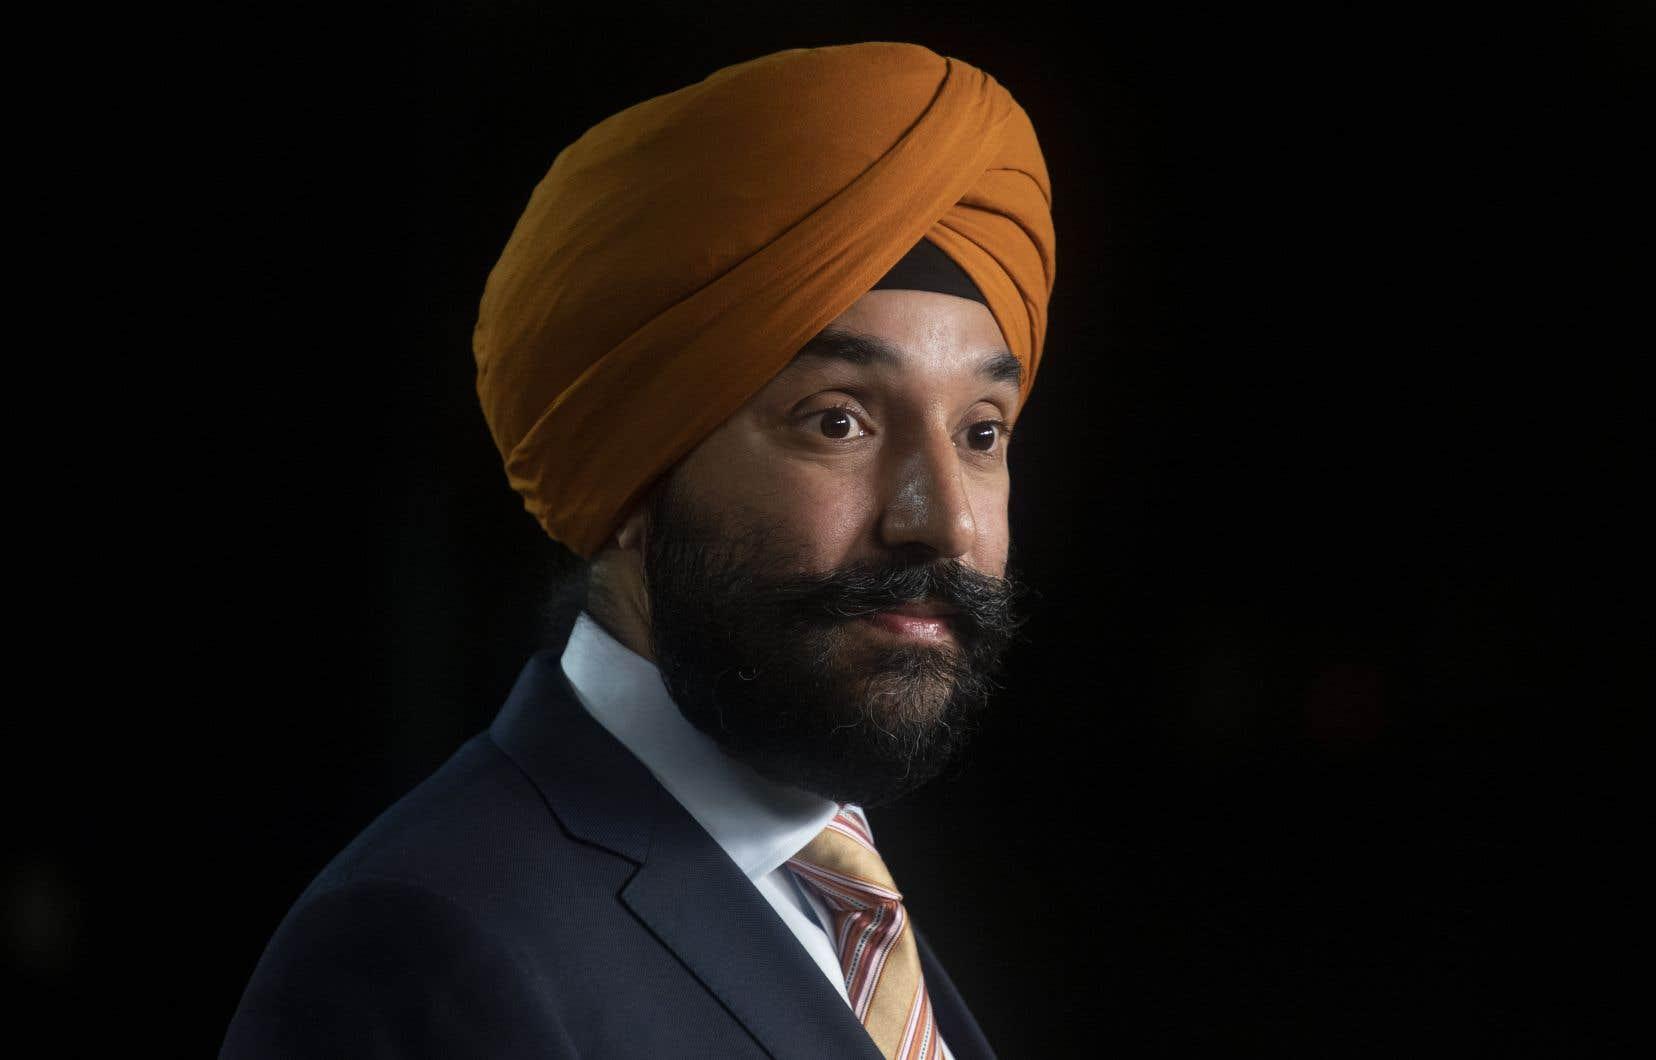 «Les Canadiens auront l'assurance que lorsqu'ils vont en ligne, le consentement qu'ils signent sera rédigé en langage simple et clair», a illustré le ministre de l'Industrie, Navdeep Bains, responsable de la loi.